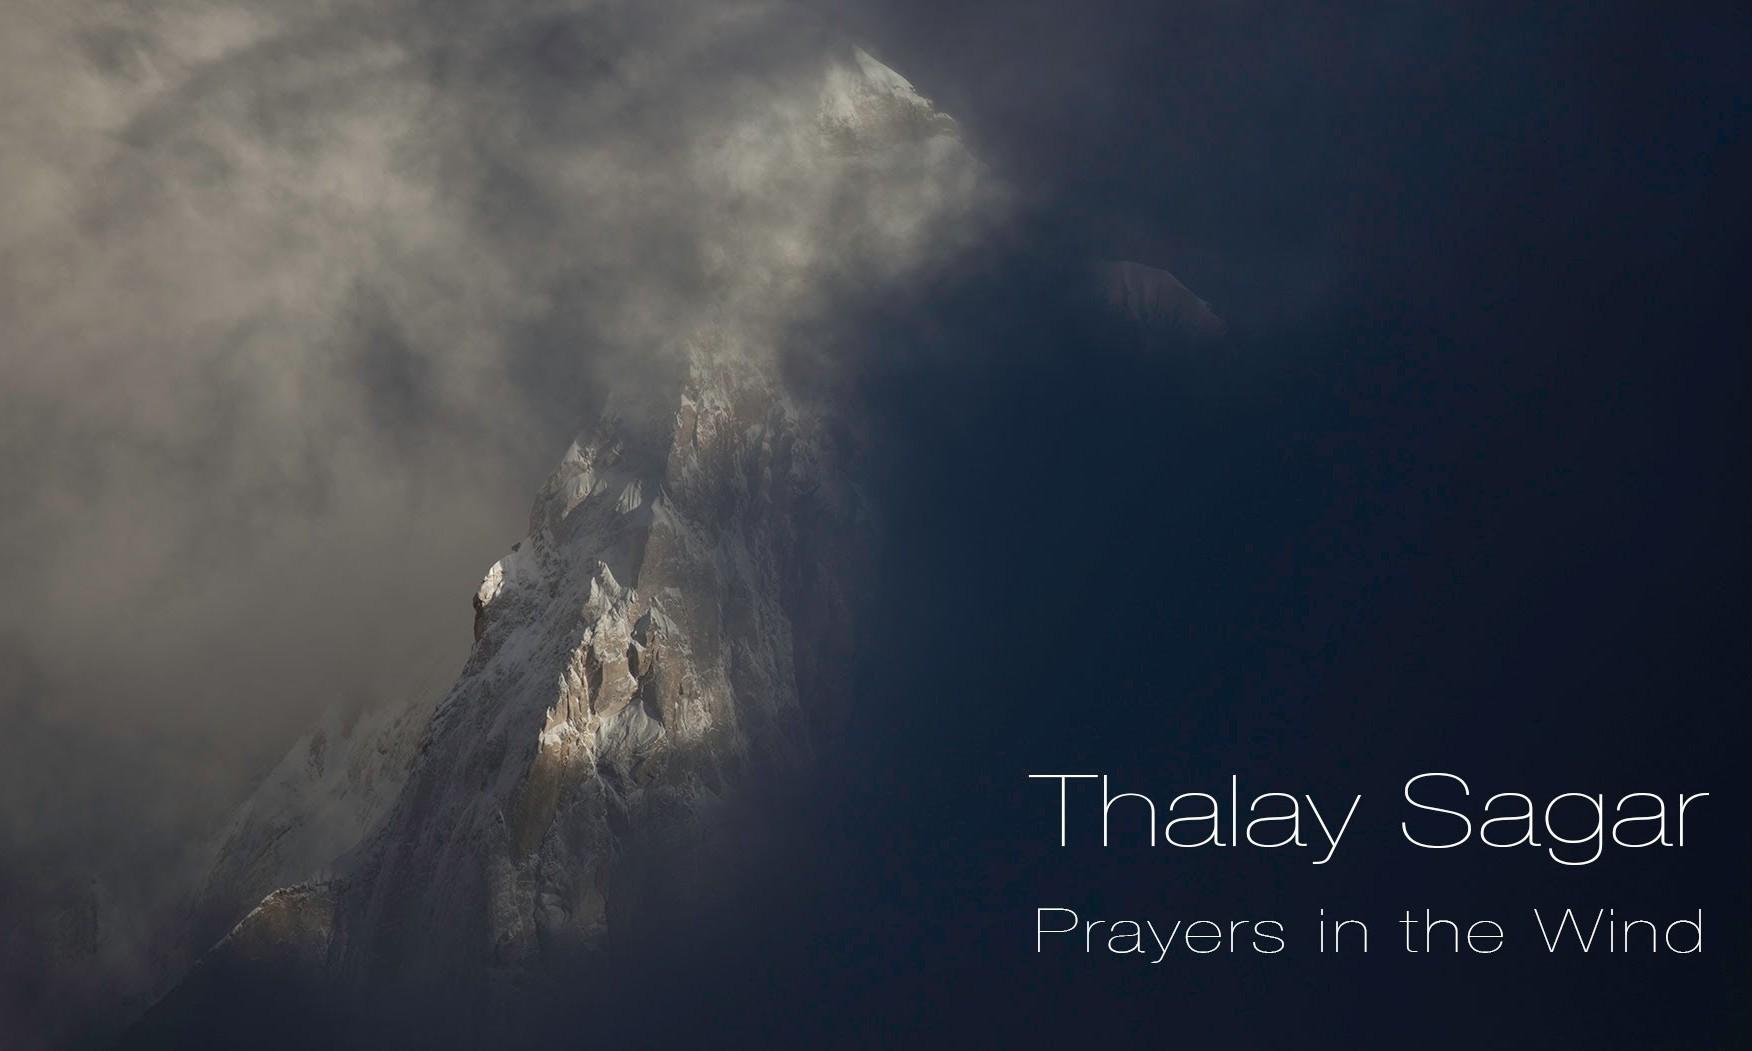 Thalay Sagar - Prayers in the Wind